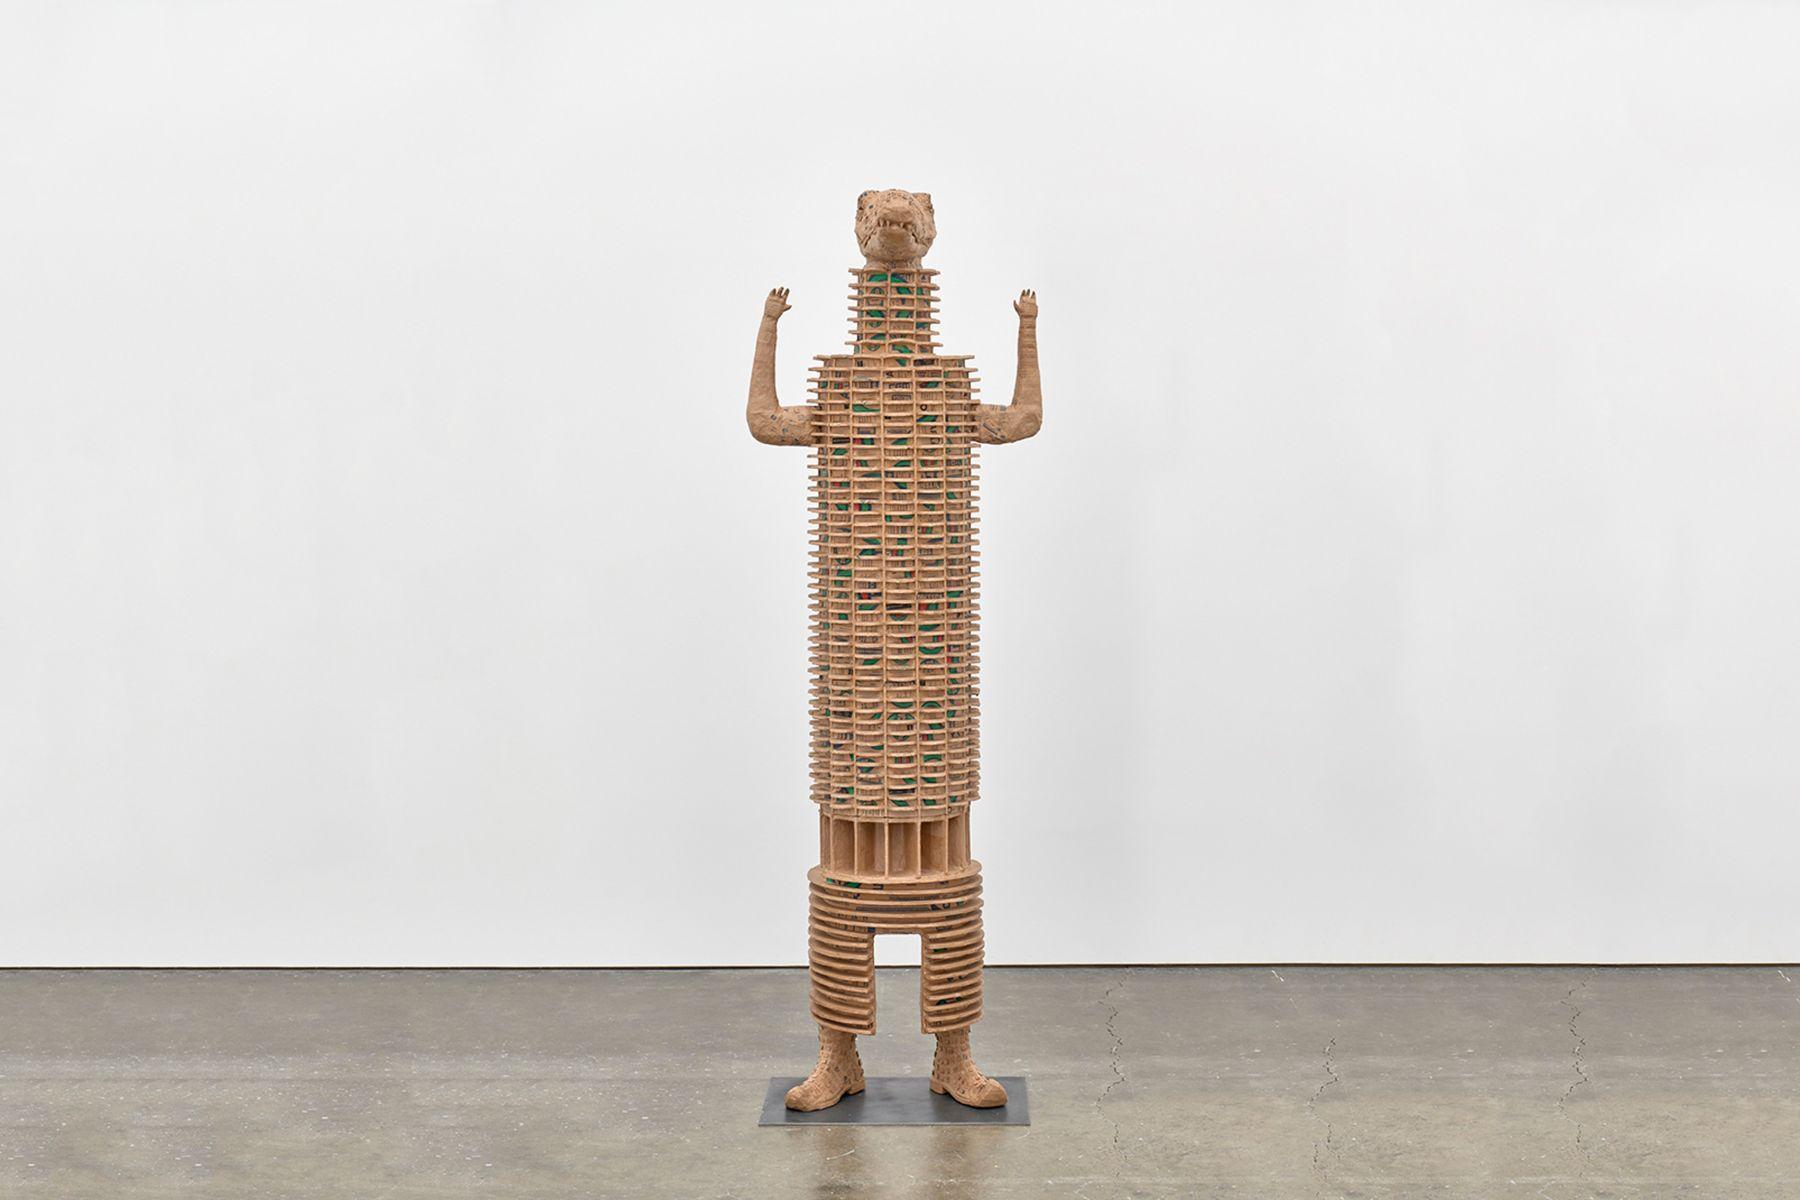 Alligator - Chicago tower